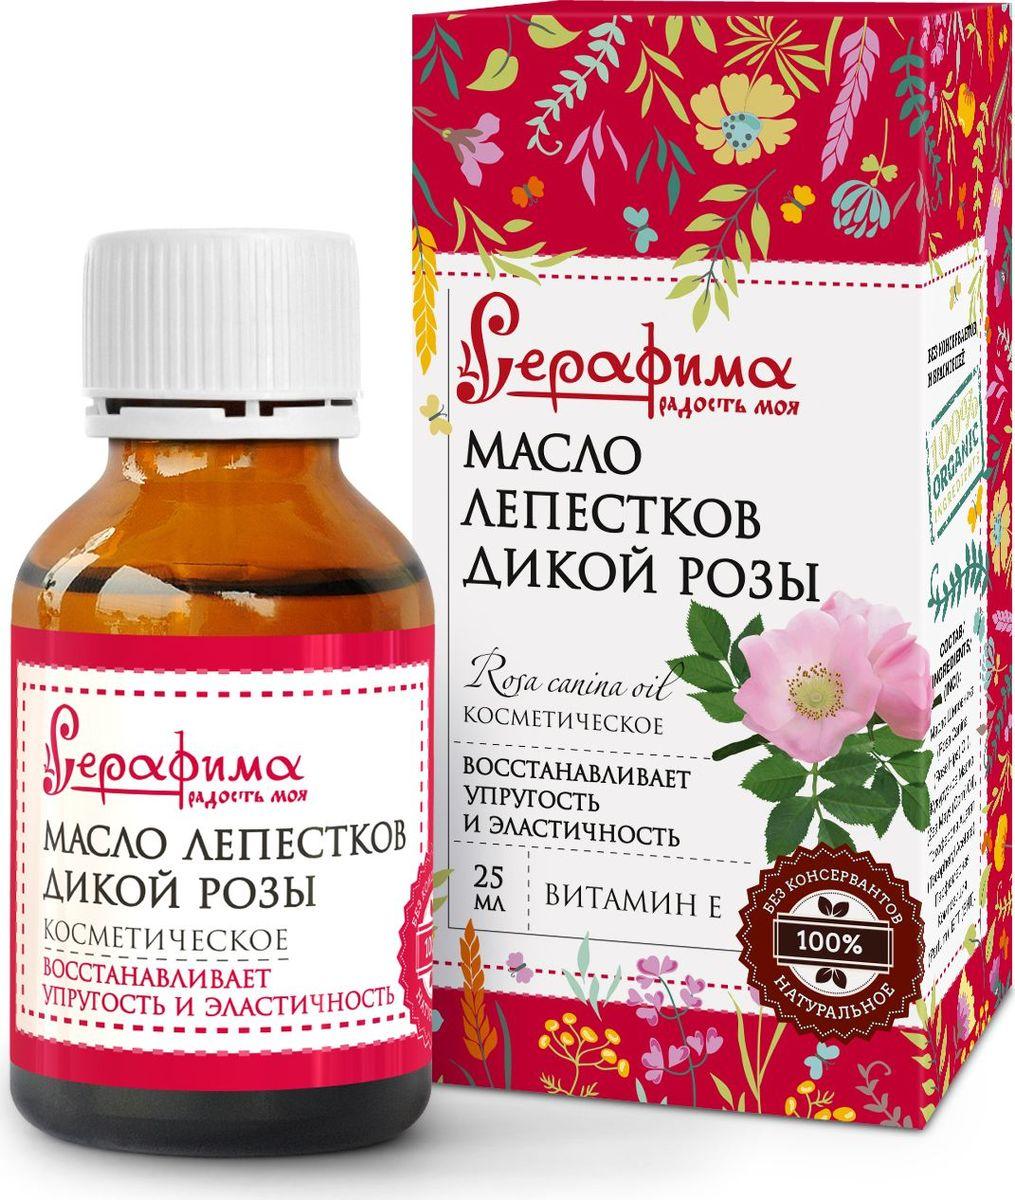 Серафима Косметическое масло лепестков дикой Розы, 25 мл4607086566817Масло дикой розы(шиповник)– концентрат полезных веществ, источник витаминов А, Е, С и микроэлементов. За богатейший состав масло называют — жидким солнцем. Содержит высокий процент насыщенных и ненасыщенных жирных кислот (гамма и омега): линолевую, линоленовую, олеиновую, стеариновую, пальмитиновую и др.